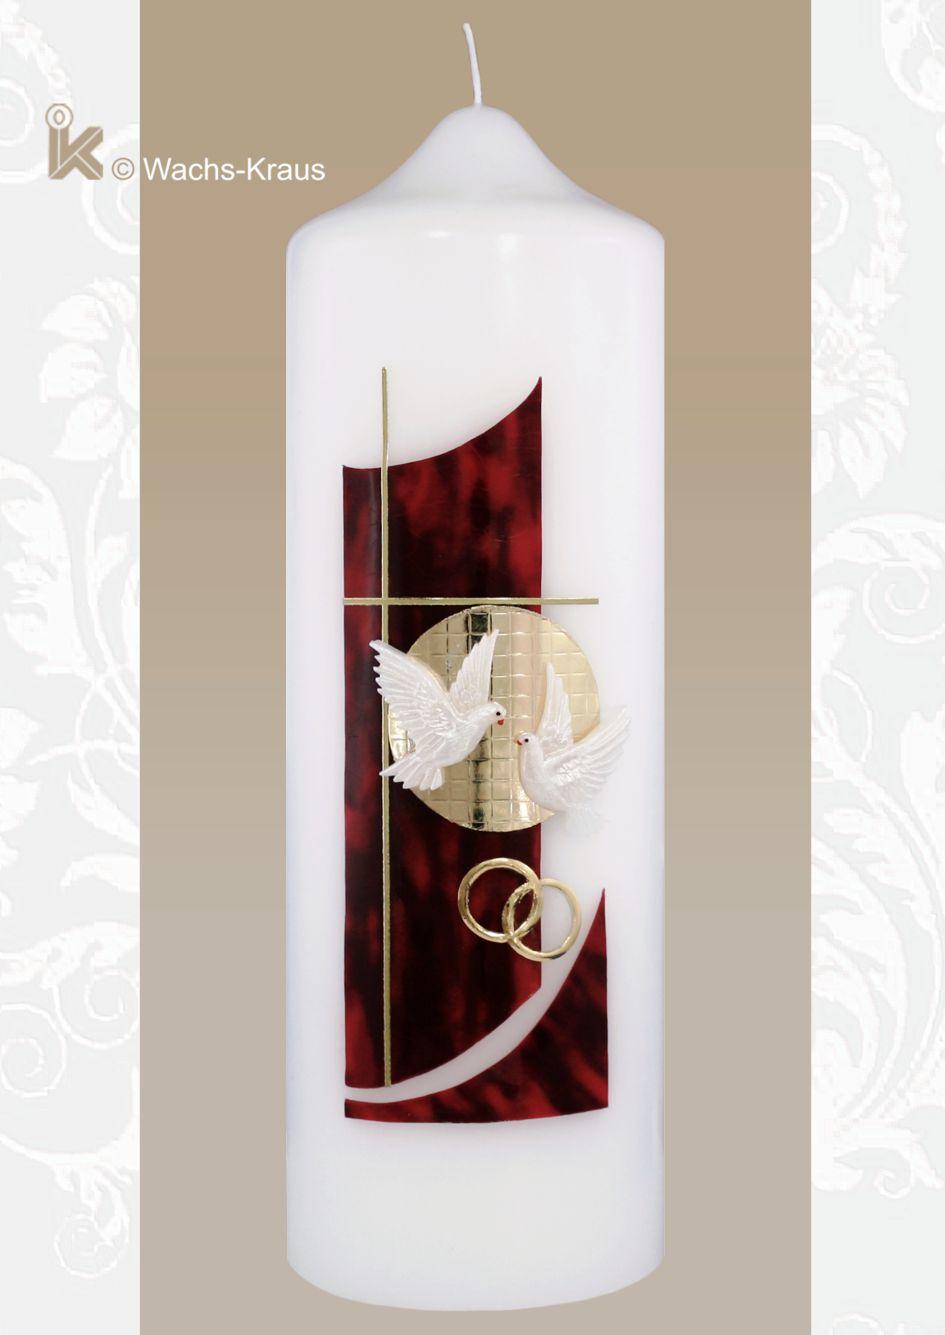 Hochzeitskerze in modernem Design geflammt rot mit Kreuz